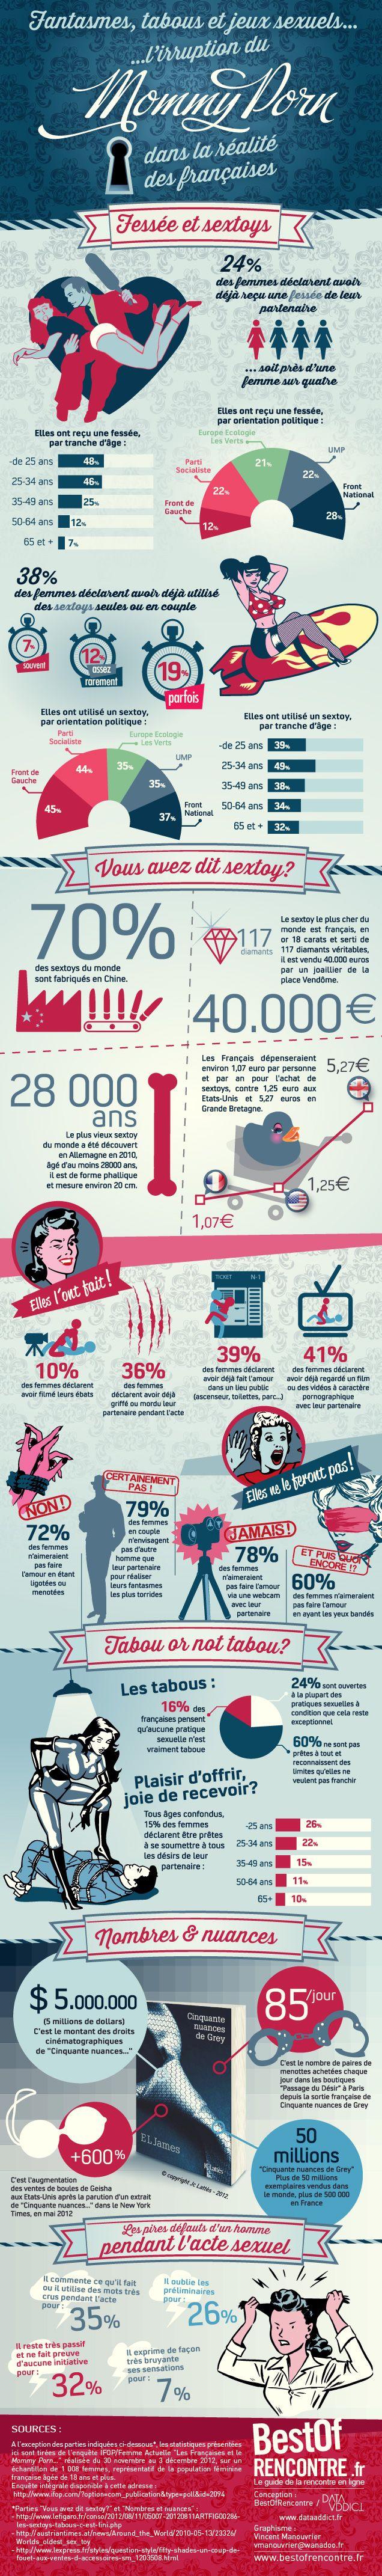 Infographie: le Mommy Porn dans la réalité des Françaises | Rue69